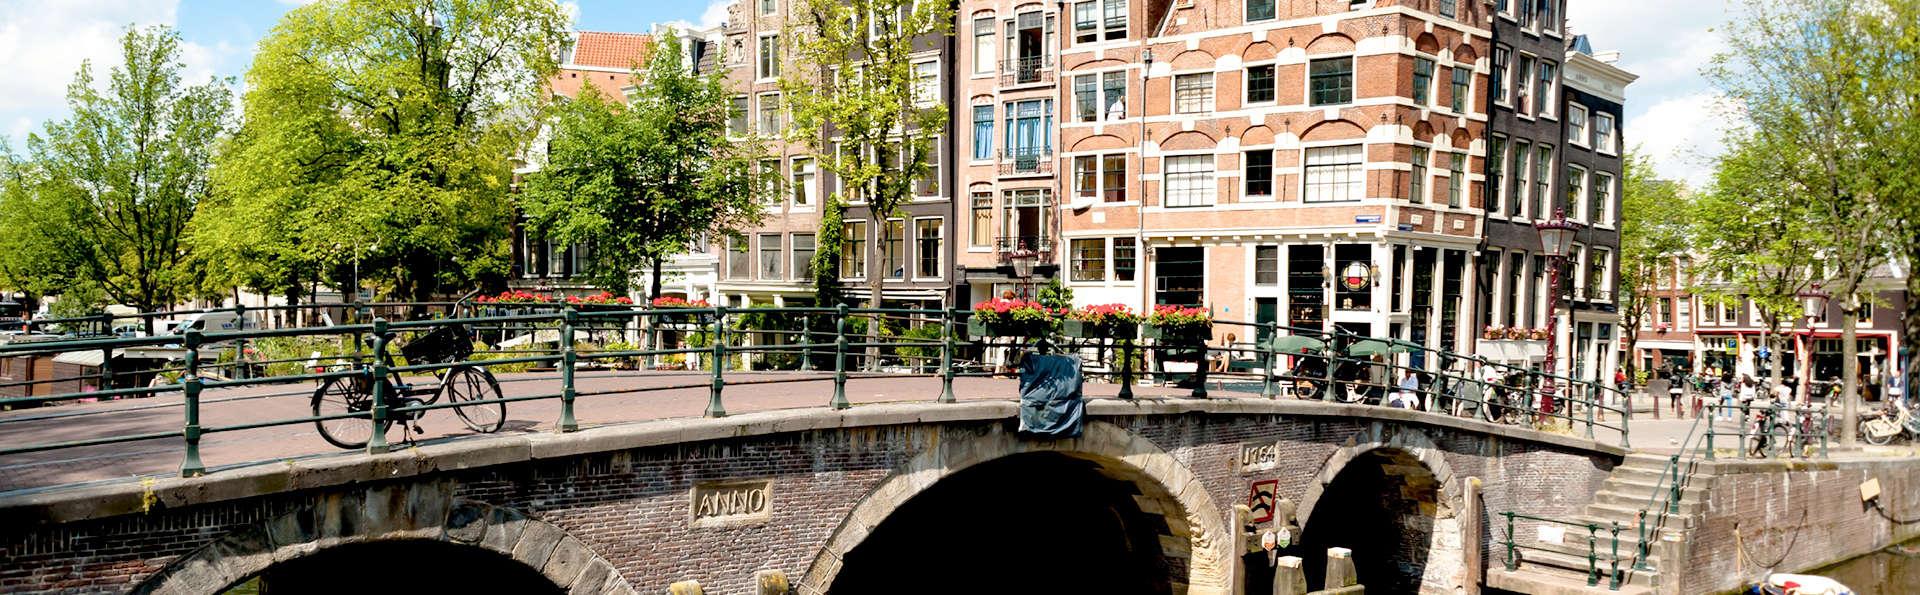 Luxe et charme près de Museumplein à Amsterdam (non remboursable)